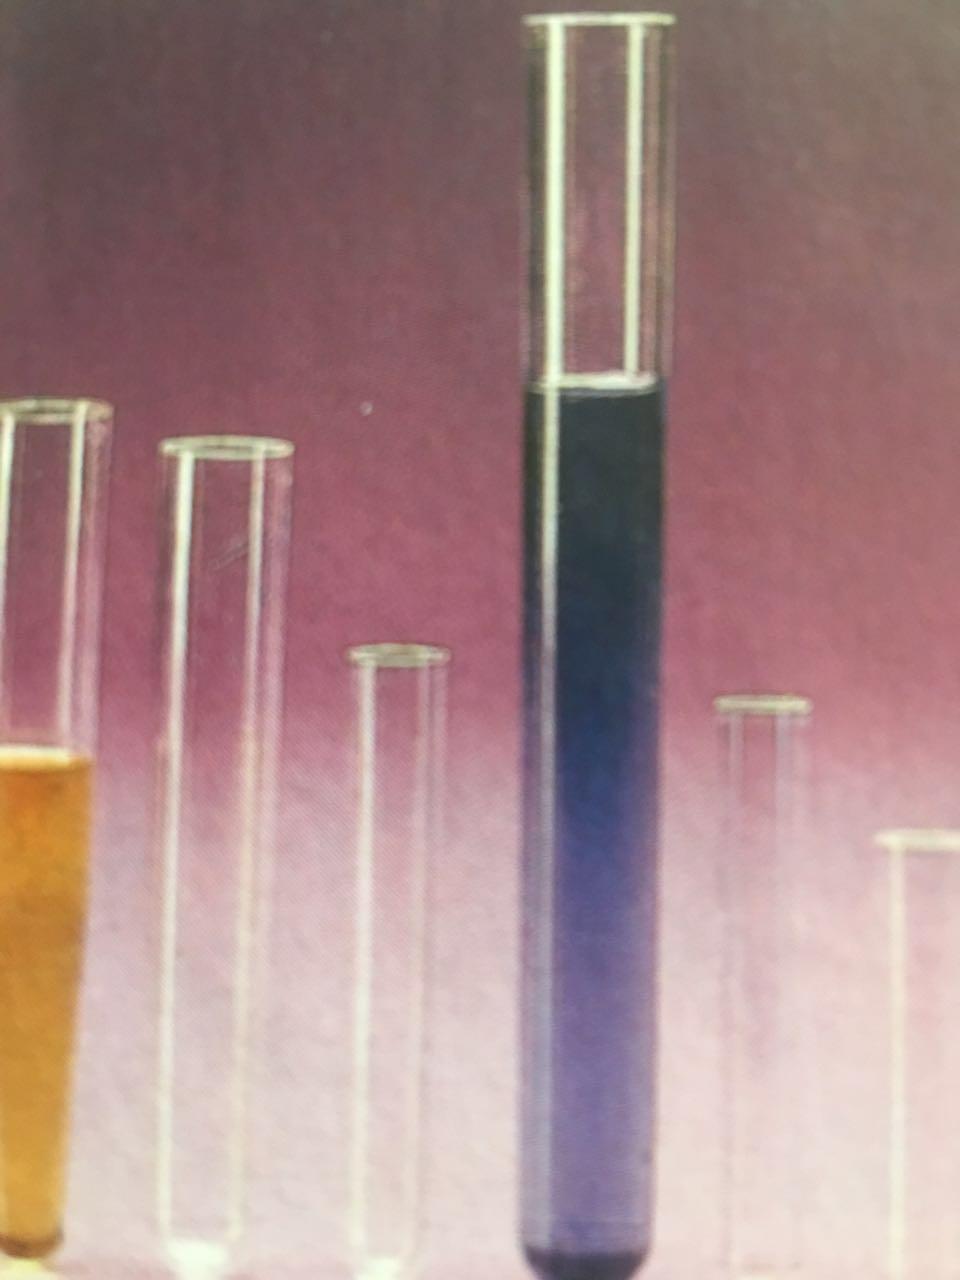 羟胺盐滴定液北京华科盛精细化工产品贸易有限公司